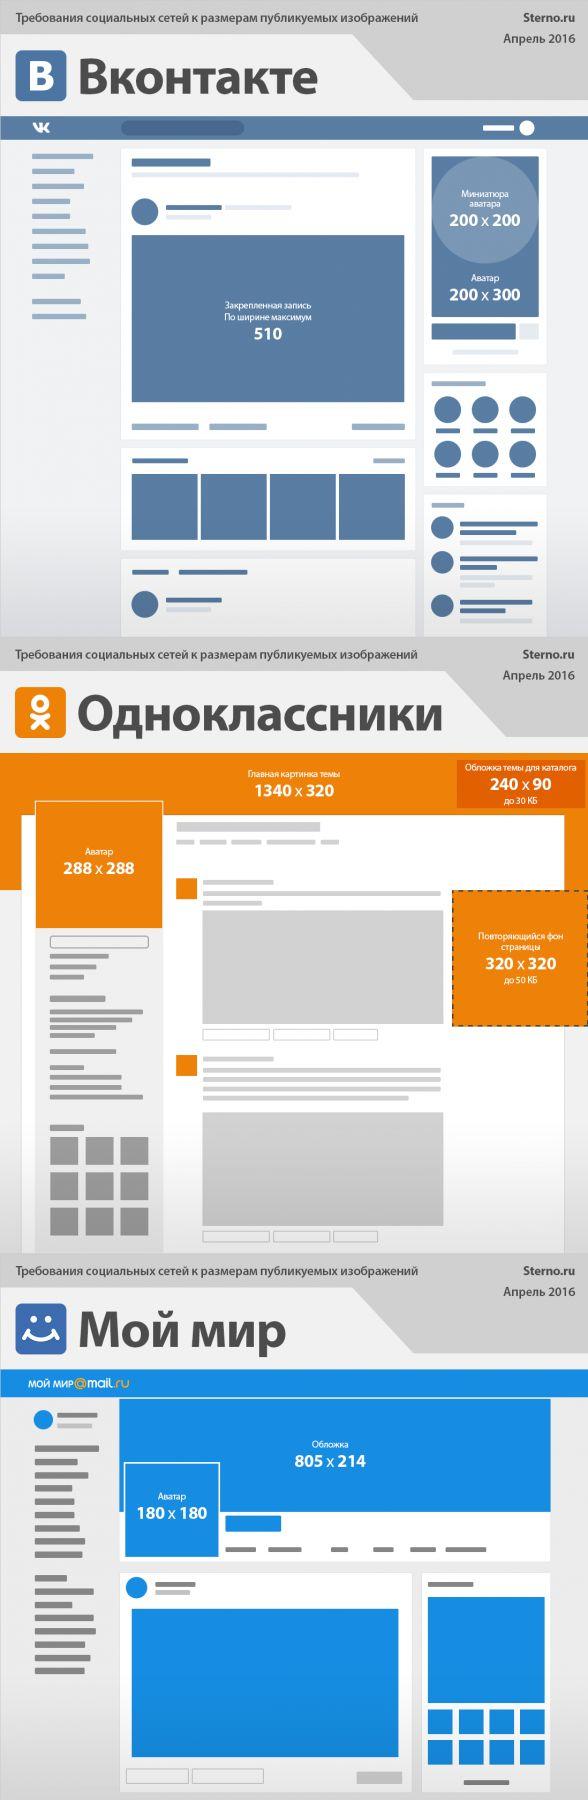 Инфографика: размеры графических элементов в российских соцсетях / ИТ / Лента.co